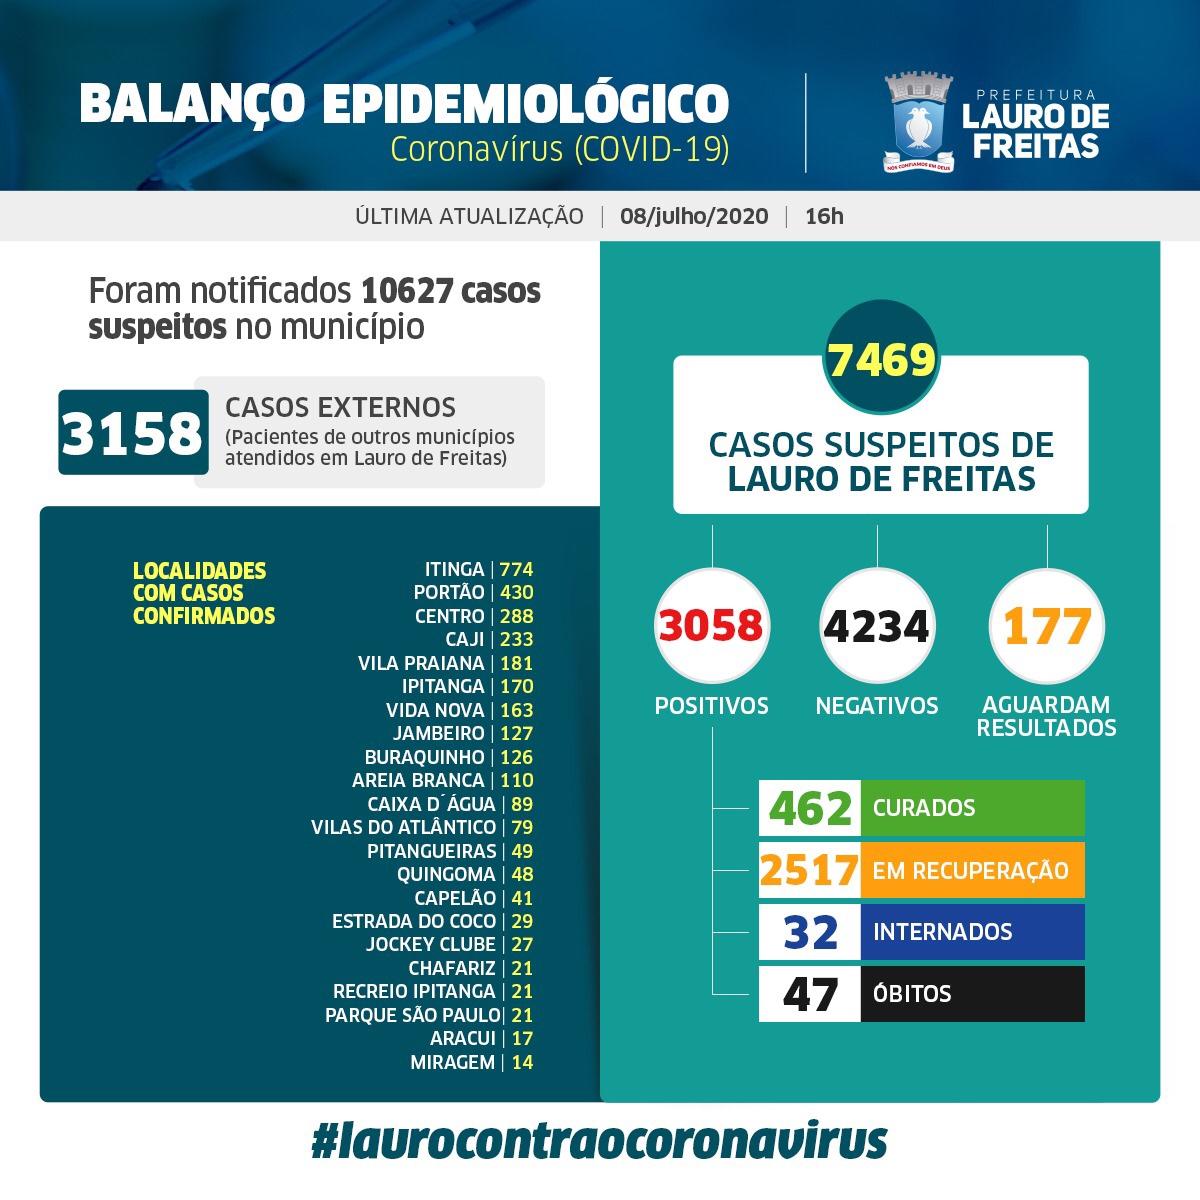 Lauro de Freitas registra 3058 casos de coronavírus com 462 pacientes curados